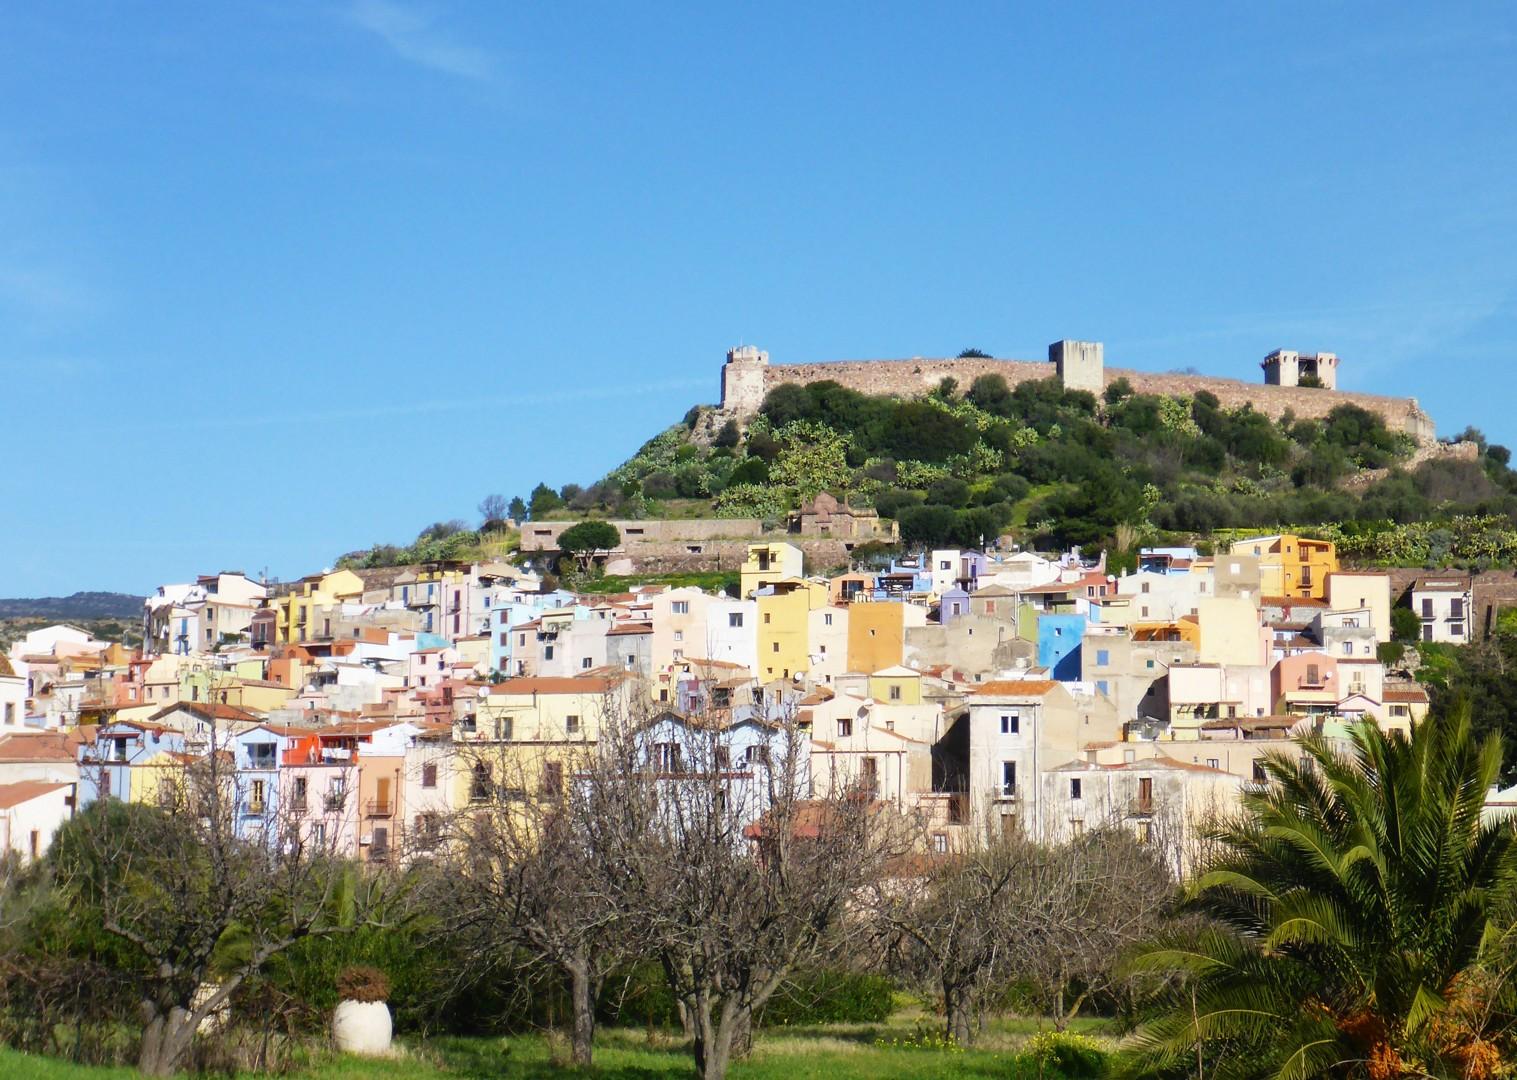 sardinia-leisure-cycling-holiday.jpg - Italy - Sardinia - West Coast Wonders - Leisure Cycling